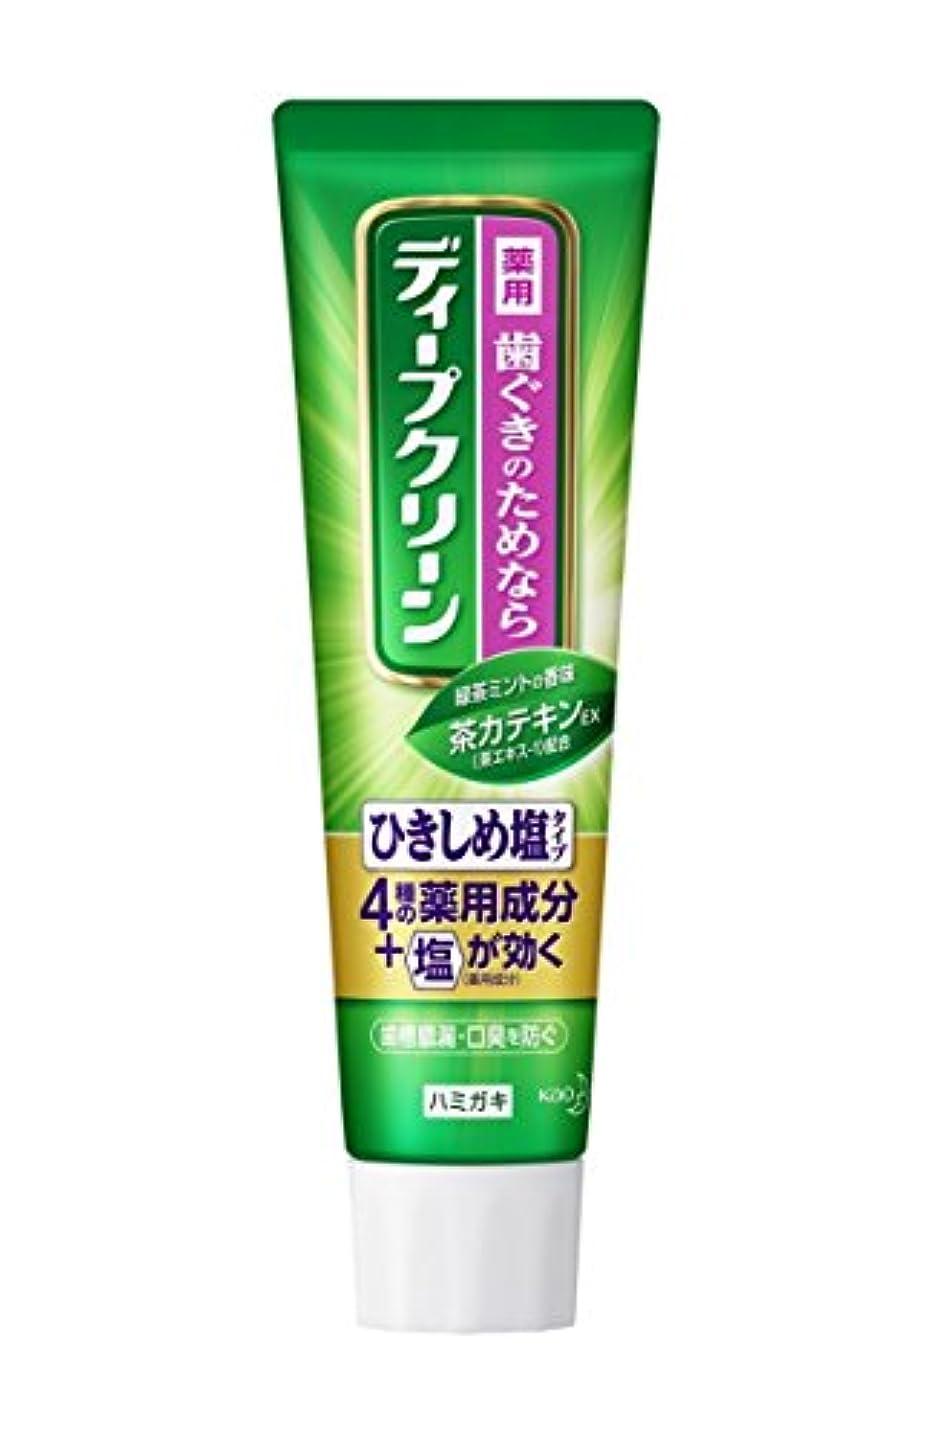 雨シンカン費用【花王】ディープクリーン 薬用ハミガキ ひきしめ塩 100g ×3個セット